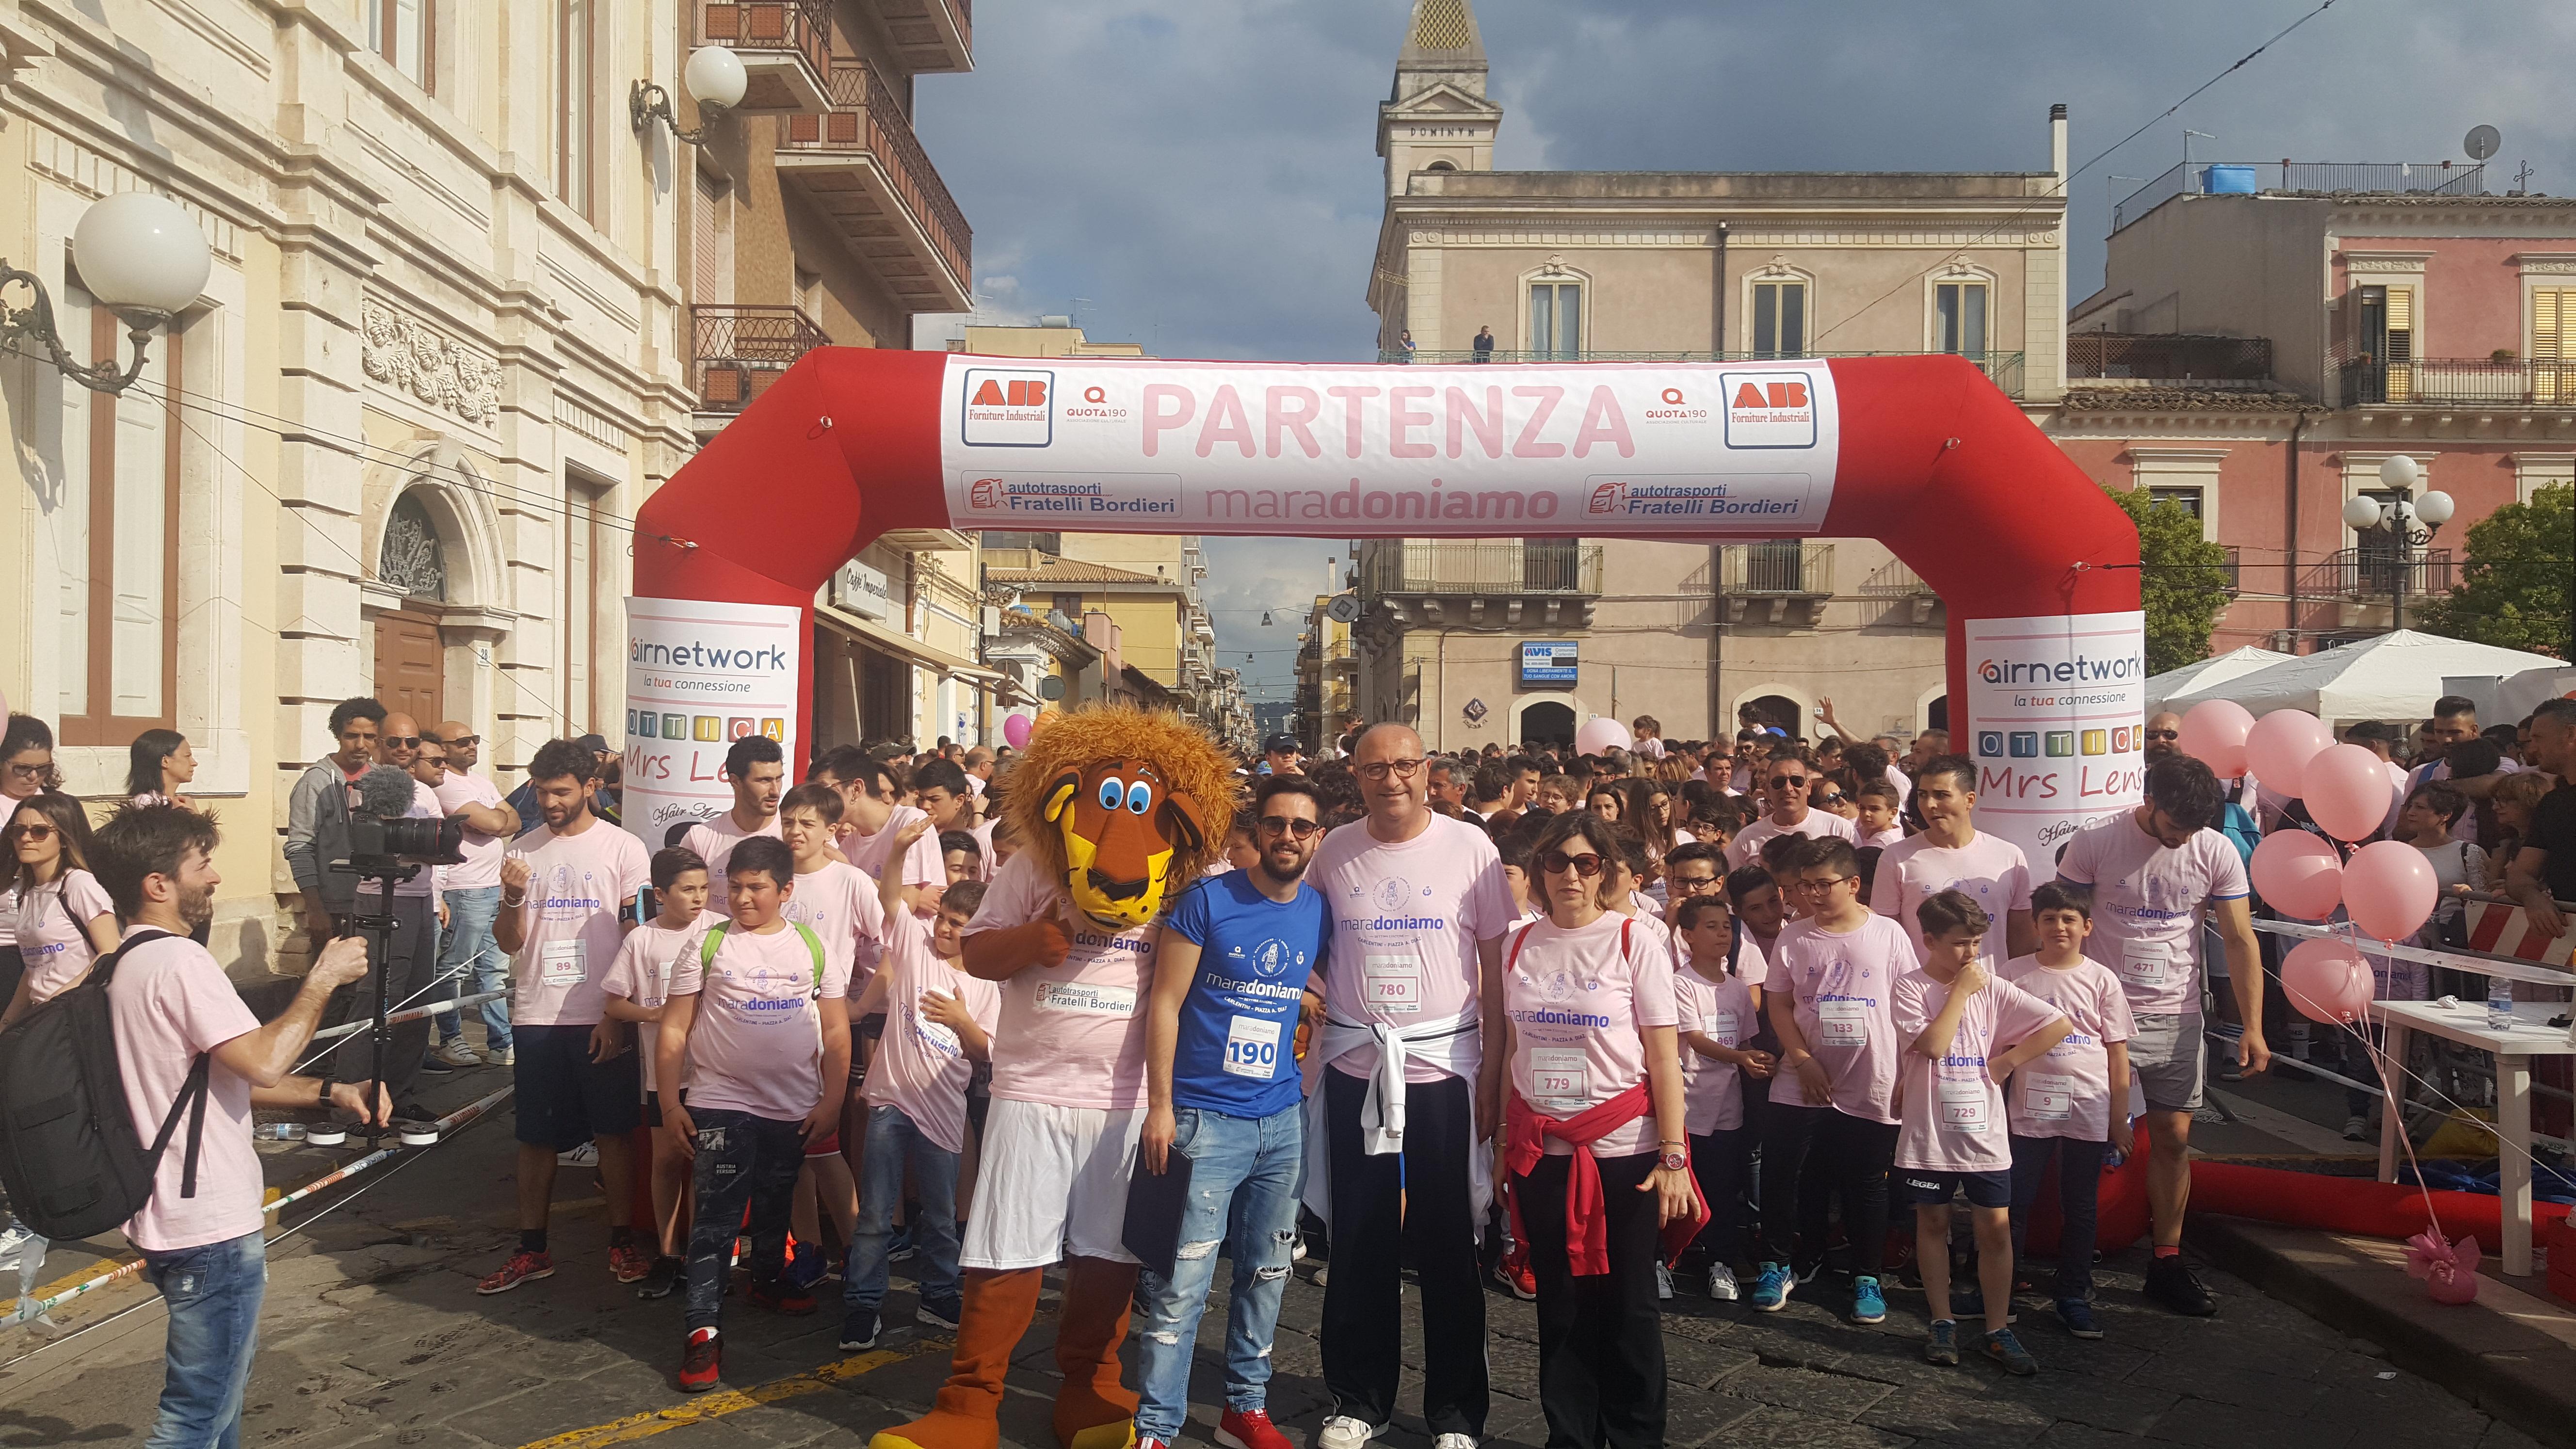 Carlentini, #Maradoniamo2019 si conferma la manifestazione più importante del territorio. Un fiume rosa, il colore della maglietta.